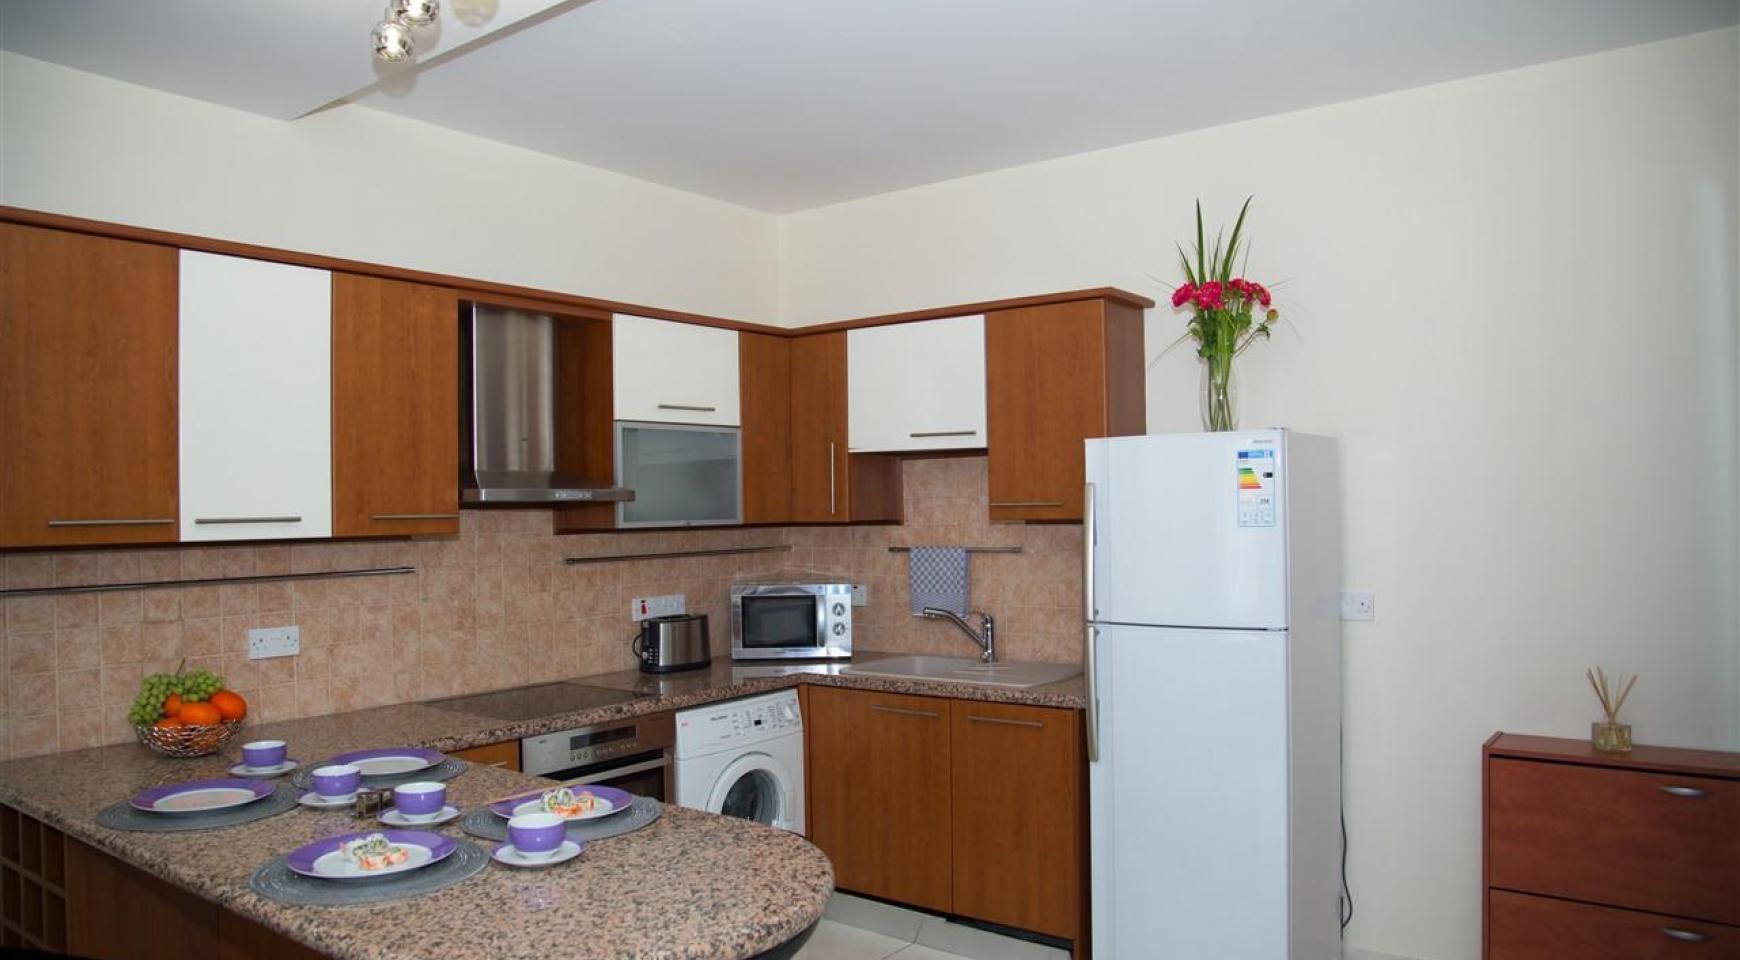 2-Спальная Квартира Mesogios Iris 304 в Комплексе у Моря - 11